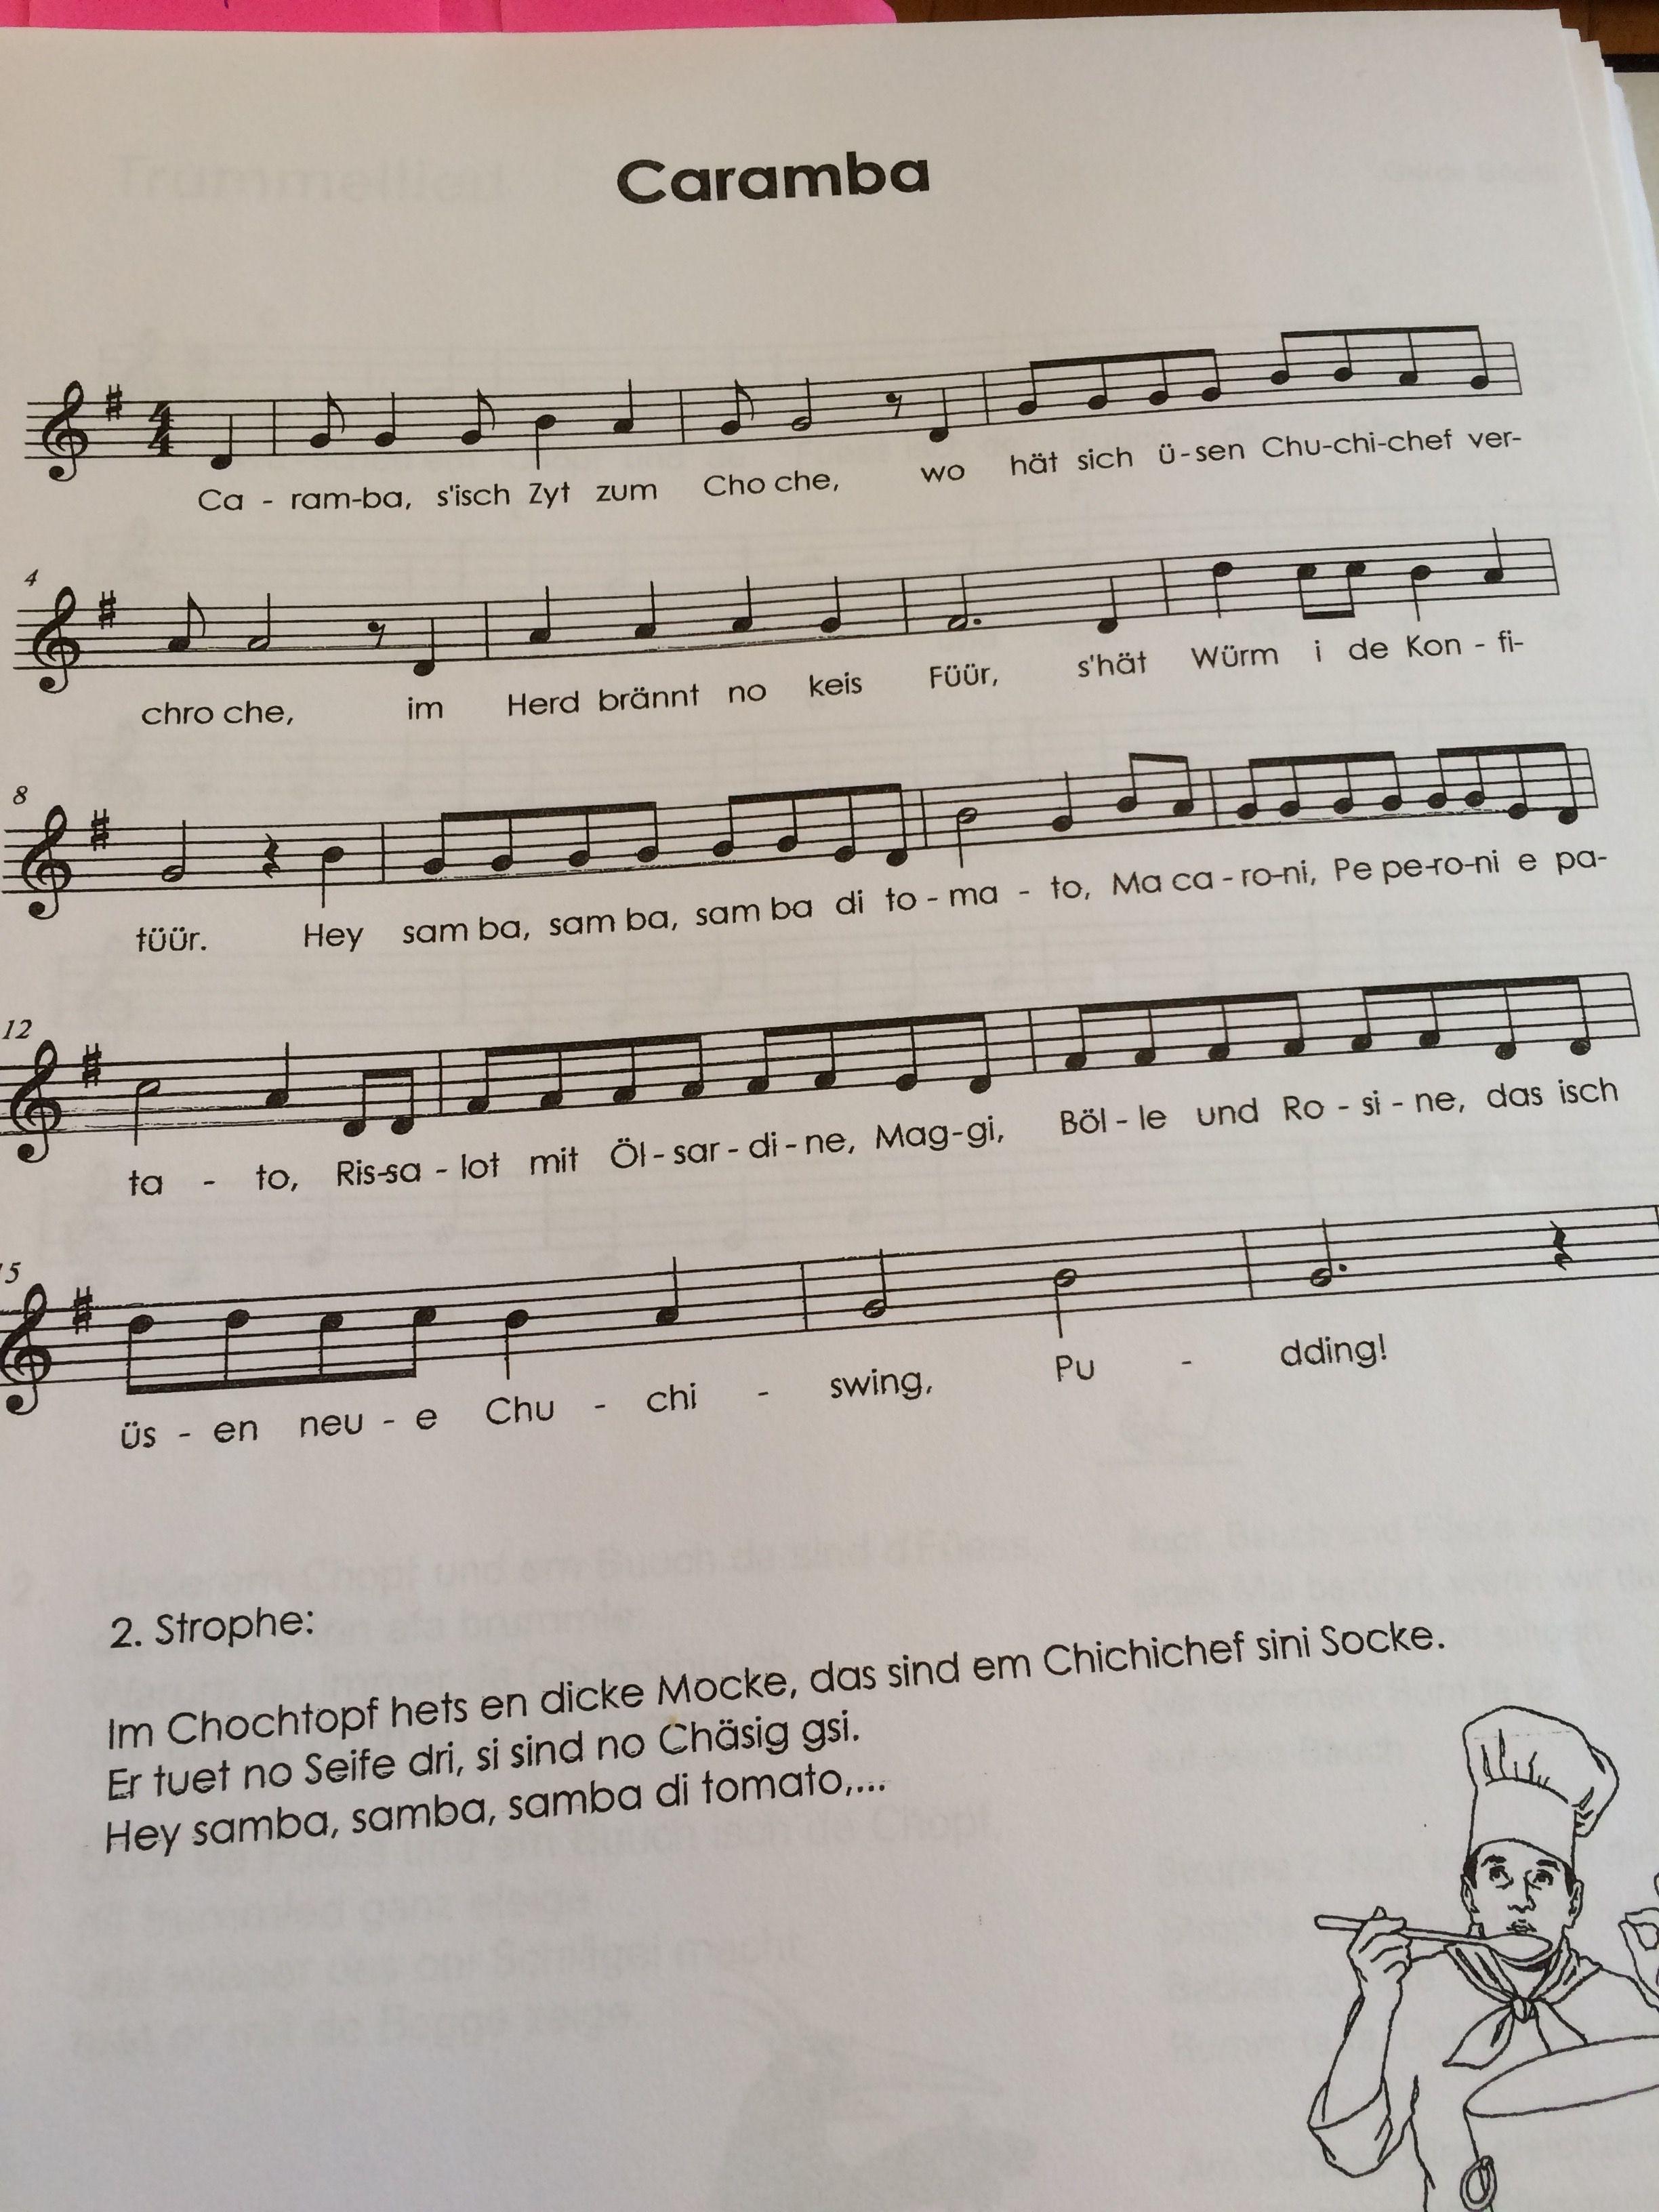 Weihnachtslieder Verarschung.Caramba Daz Lieder Kindergarten Lieder Kinder Lied Und Lieder